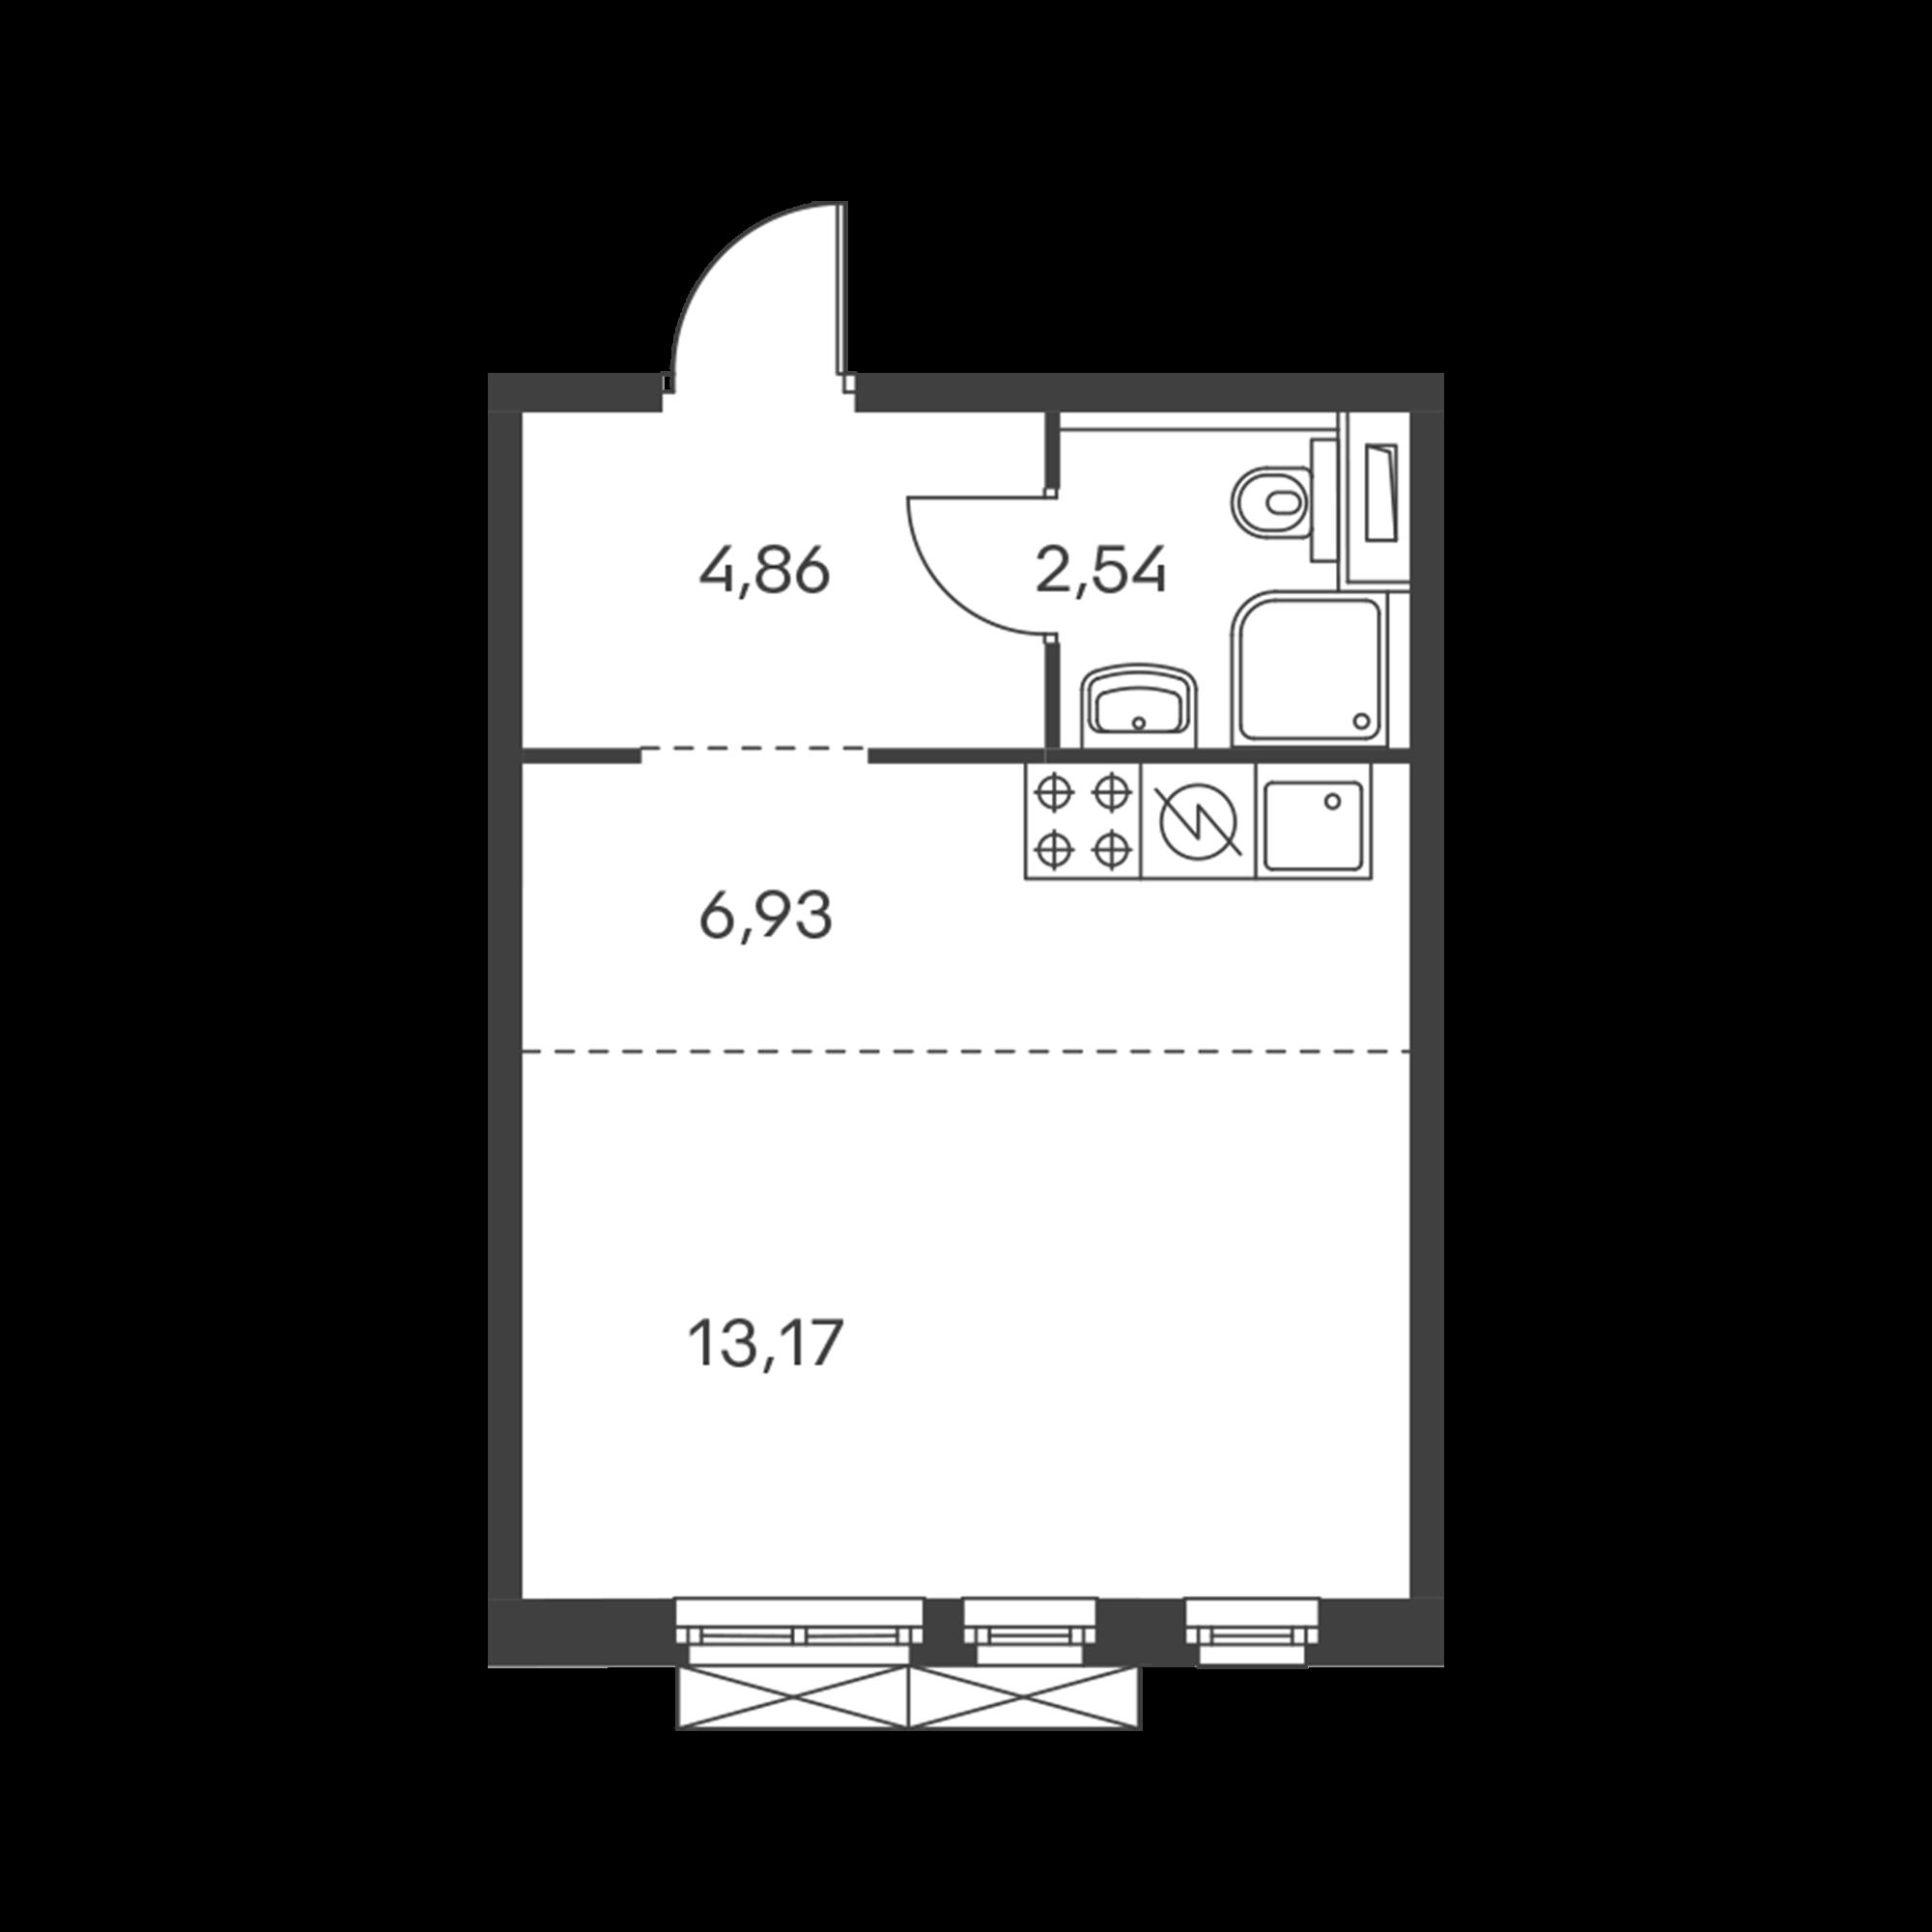 1NM1_4.8-1_S_A3